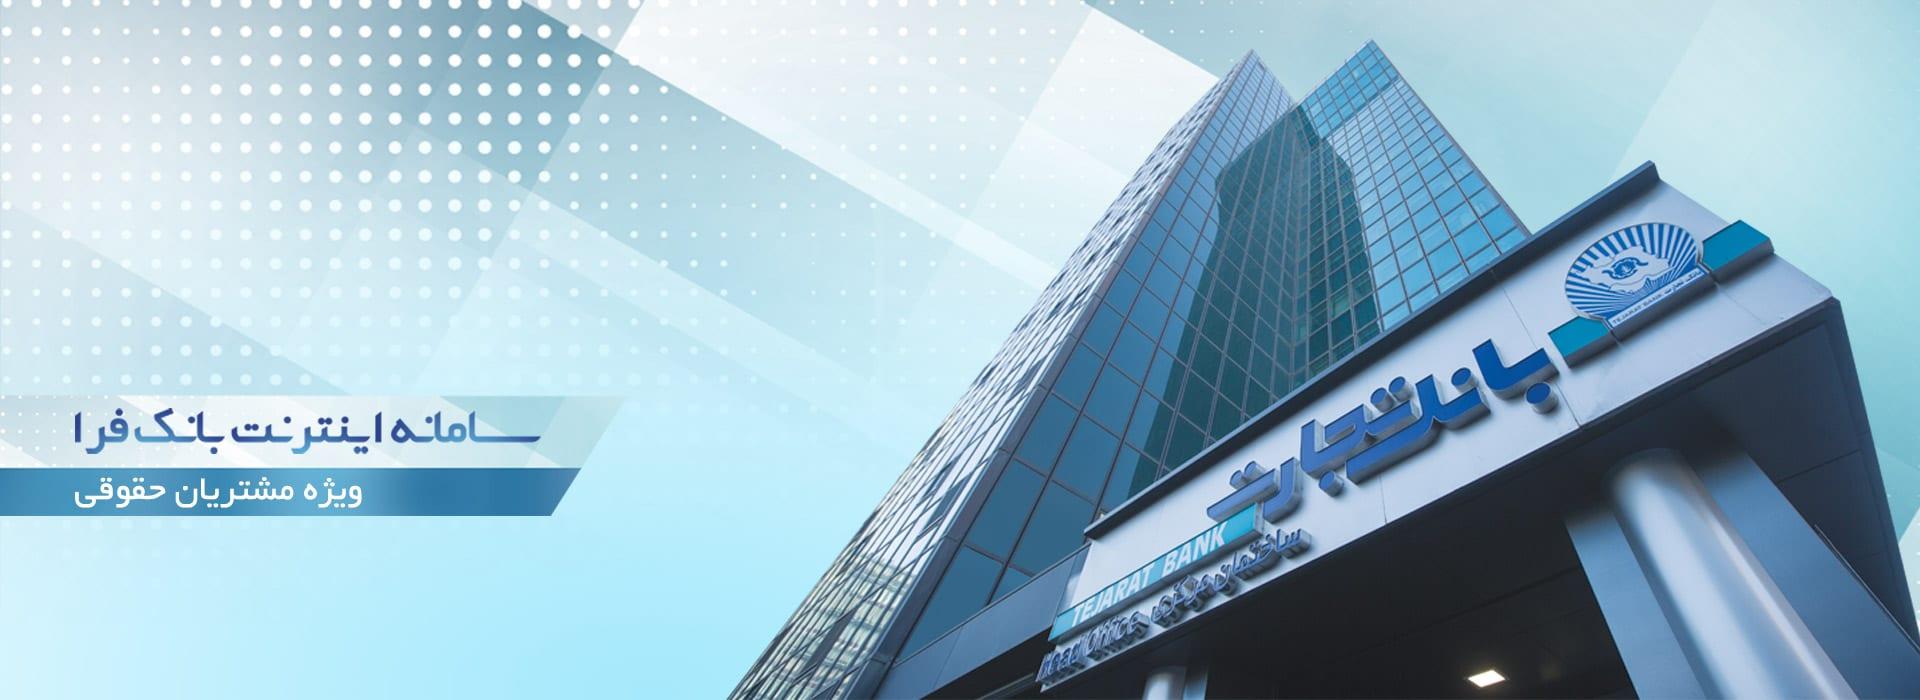 سامانه اینترنت بانک فرا - بانک تجارت